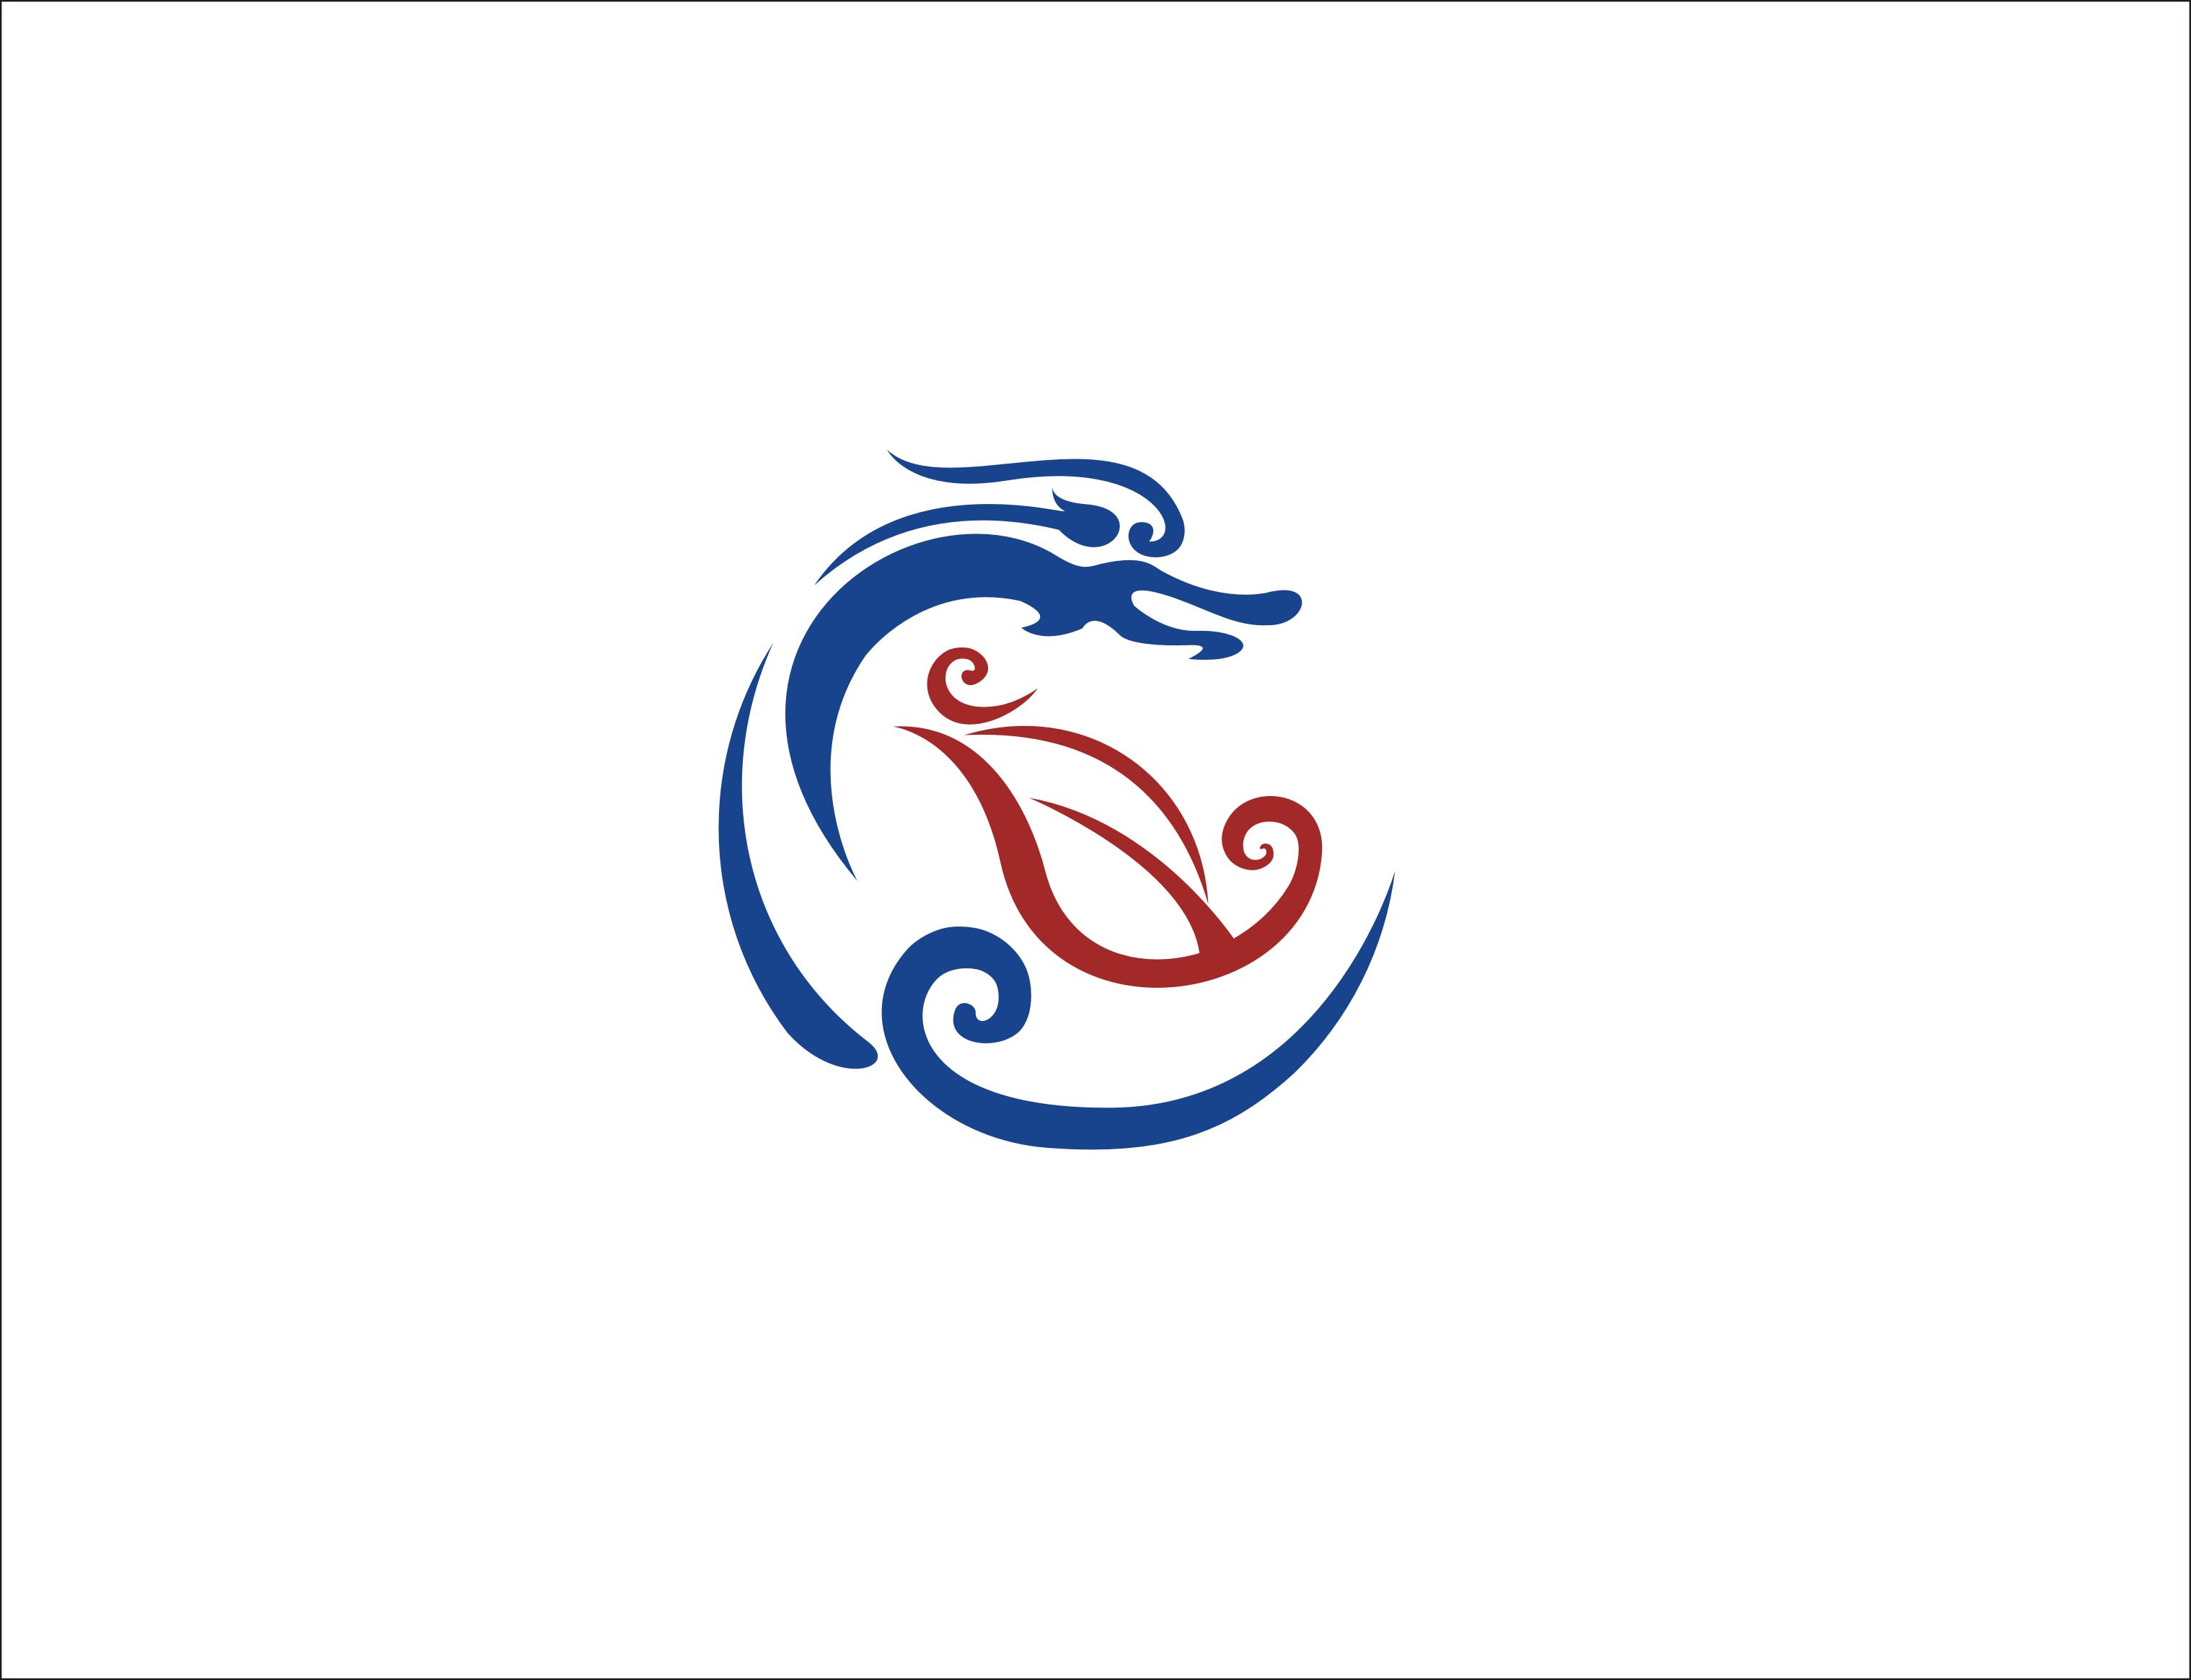 logo logo 标志 动漫 卡通 漫画 设计 矢量 矢量图 素材 头像 图标